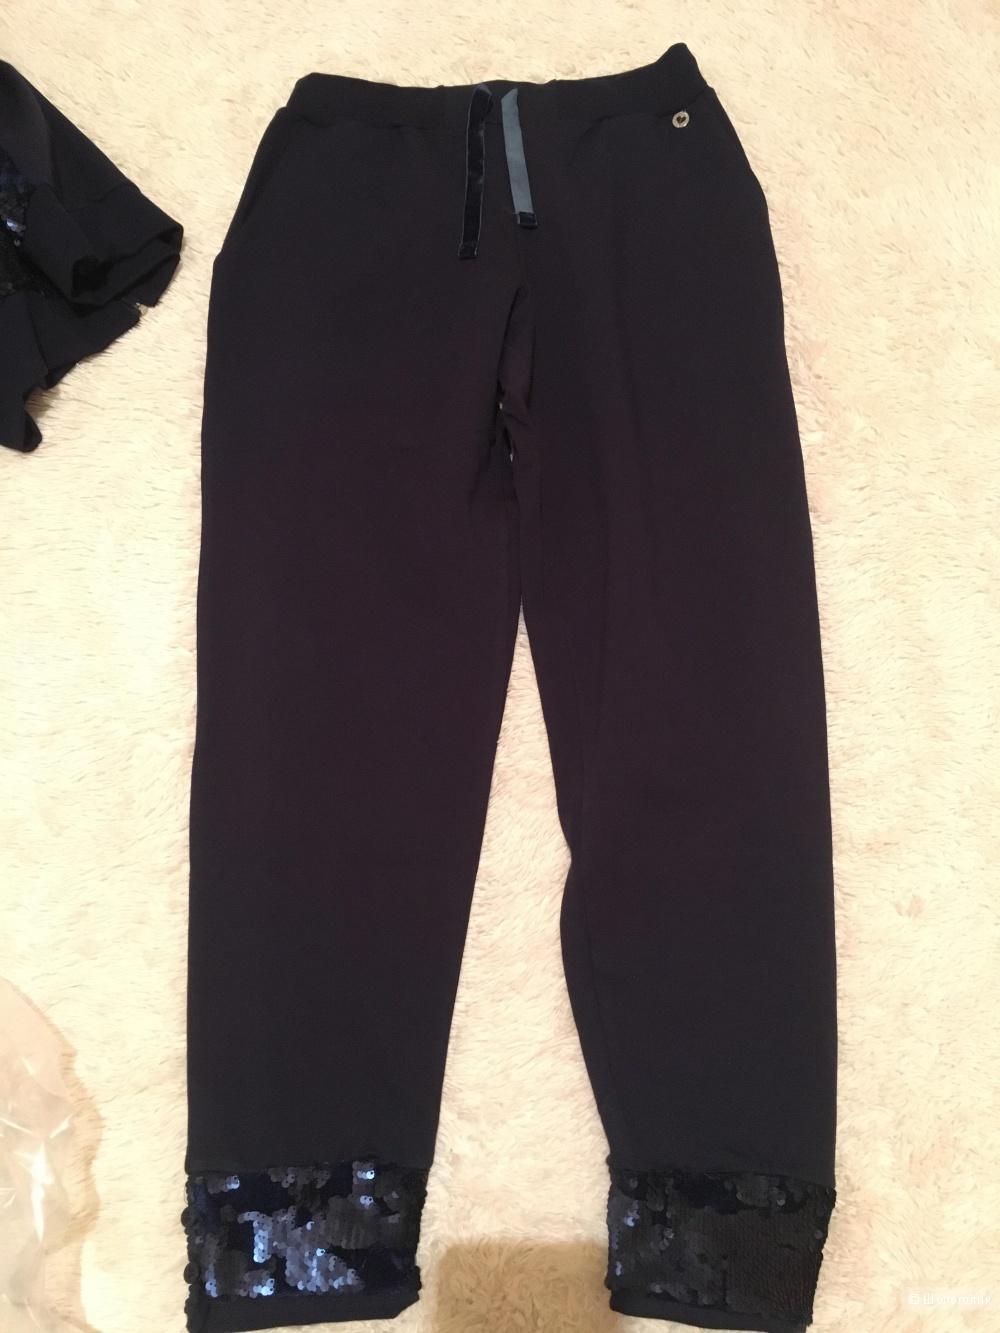 Новый костюм в стиле спорт-шик  Anima Gemella размер L, 46-48р-р